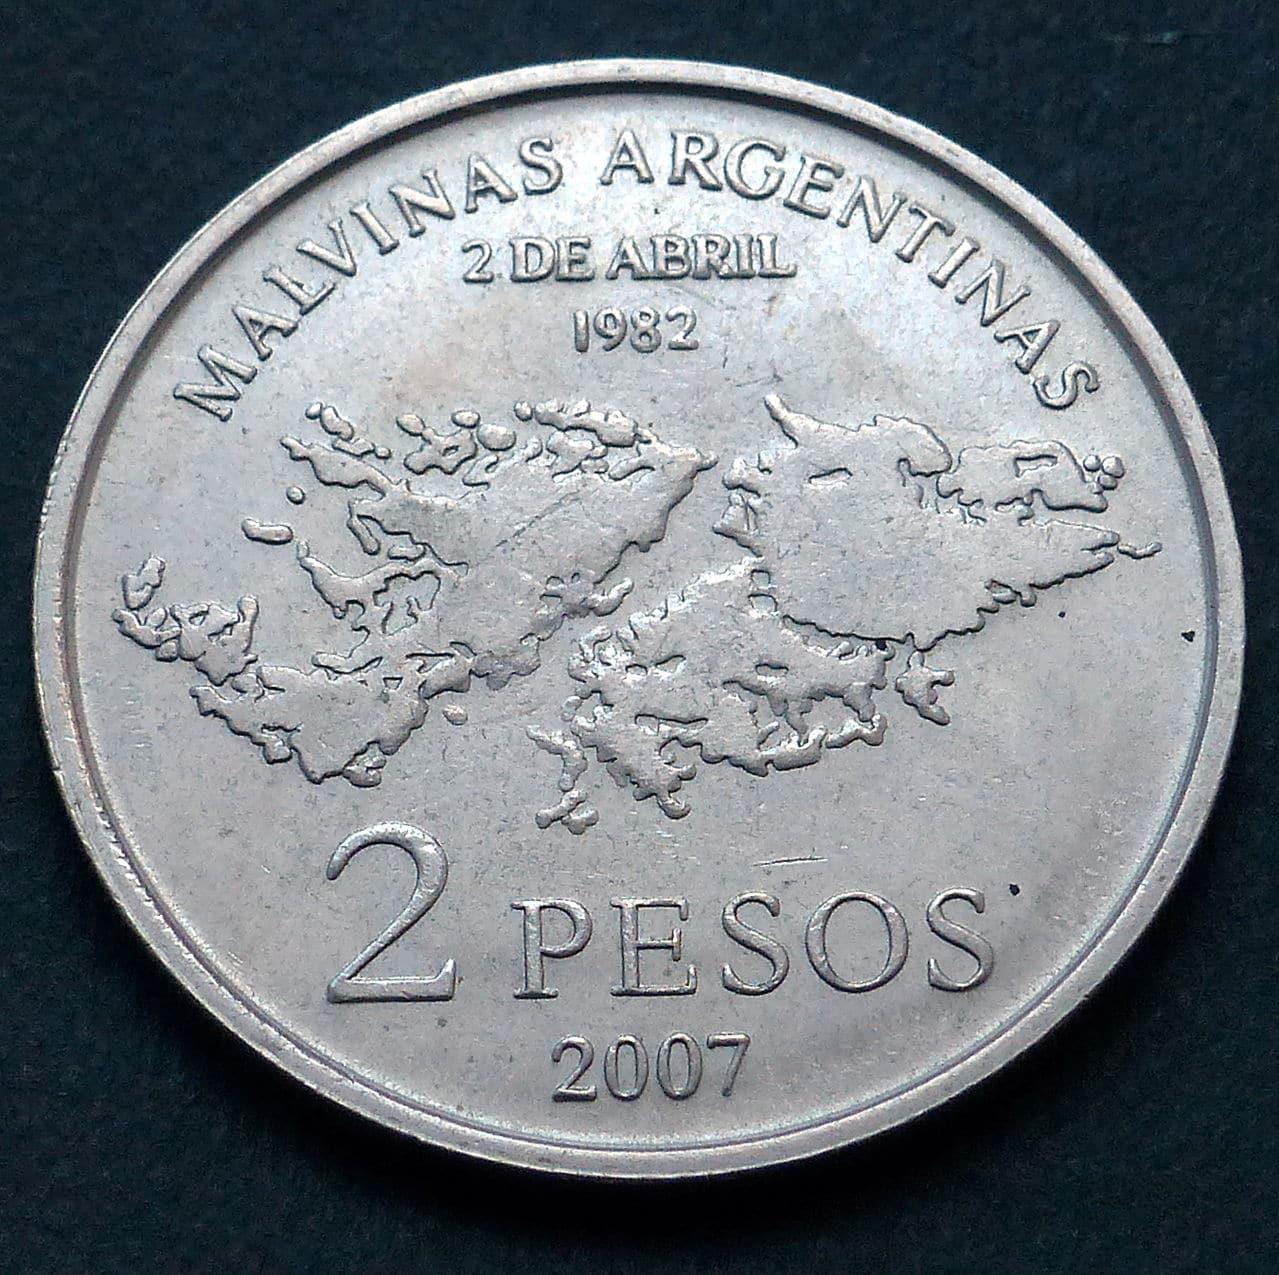 Argentina - 2 pesos 2007 - 25 Aniversario - Ocupación de las Islas Malvinas P1040085